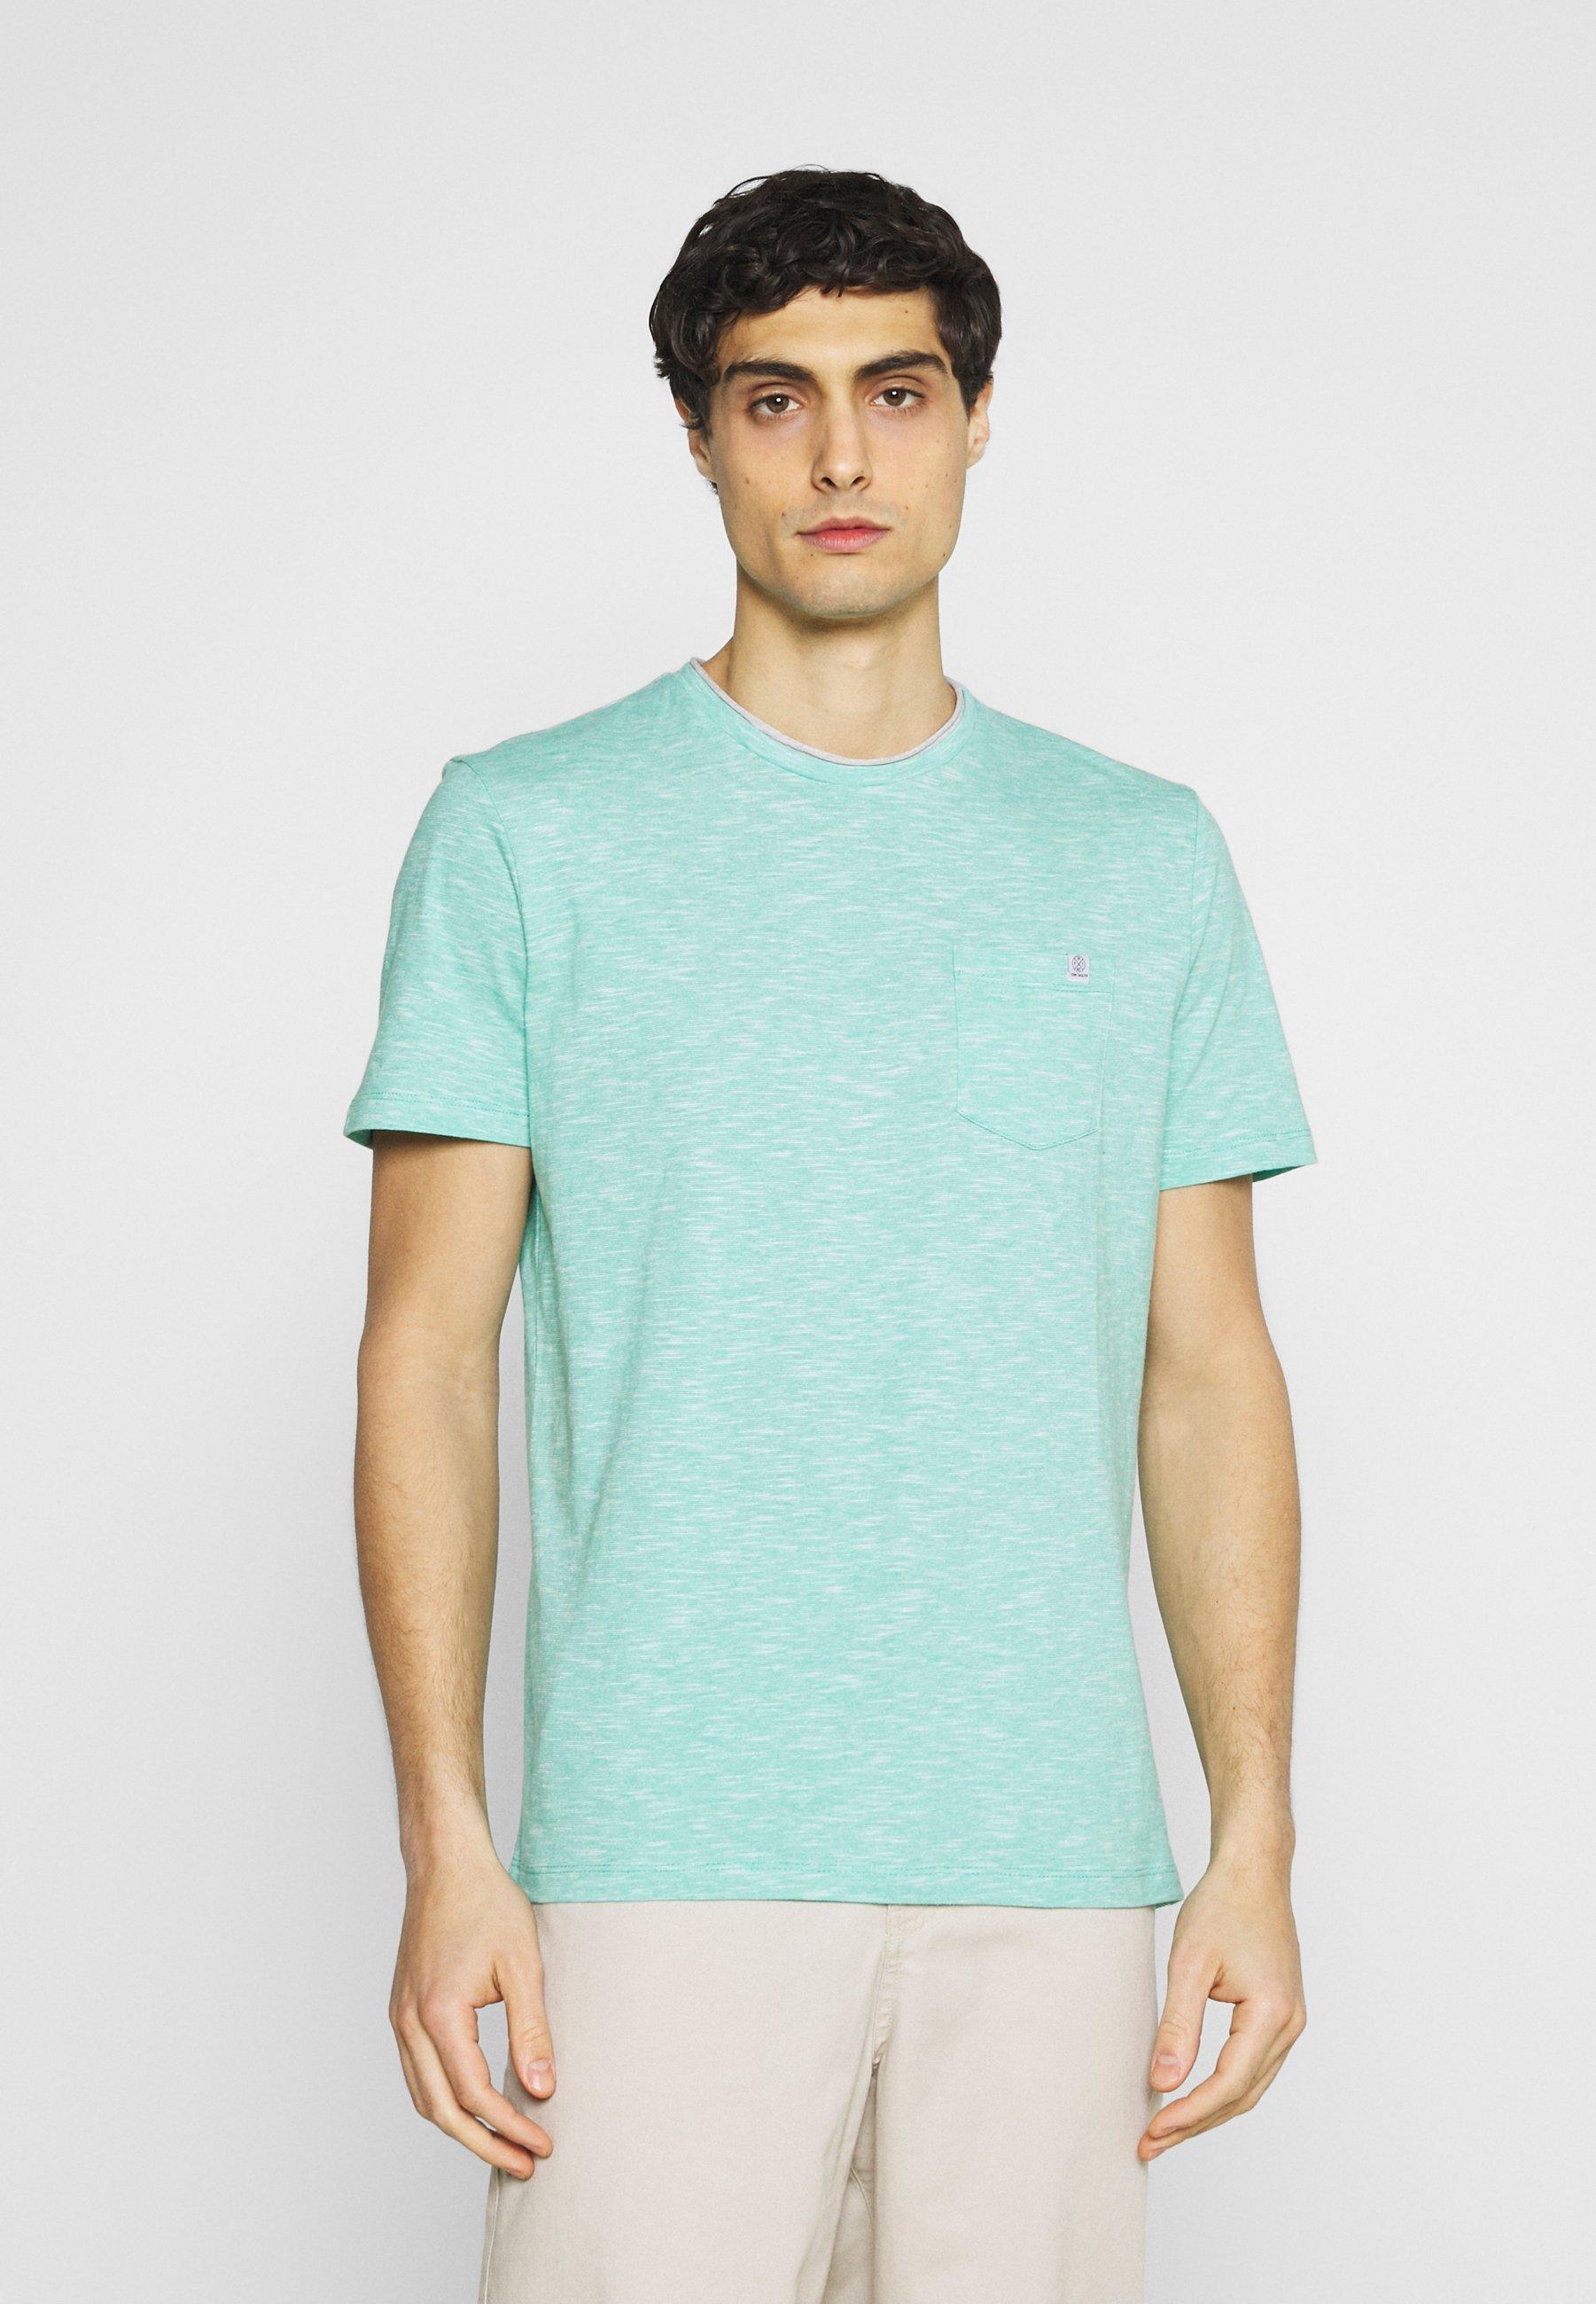 Homme FINELINER WITH POCKET - T-shirt basique